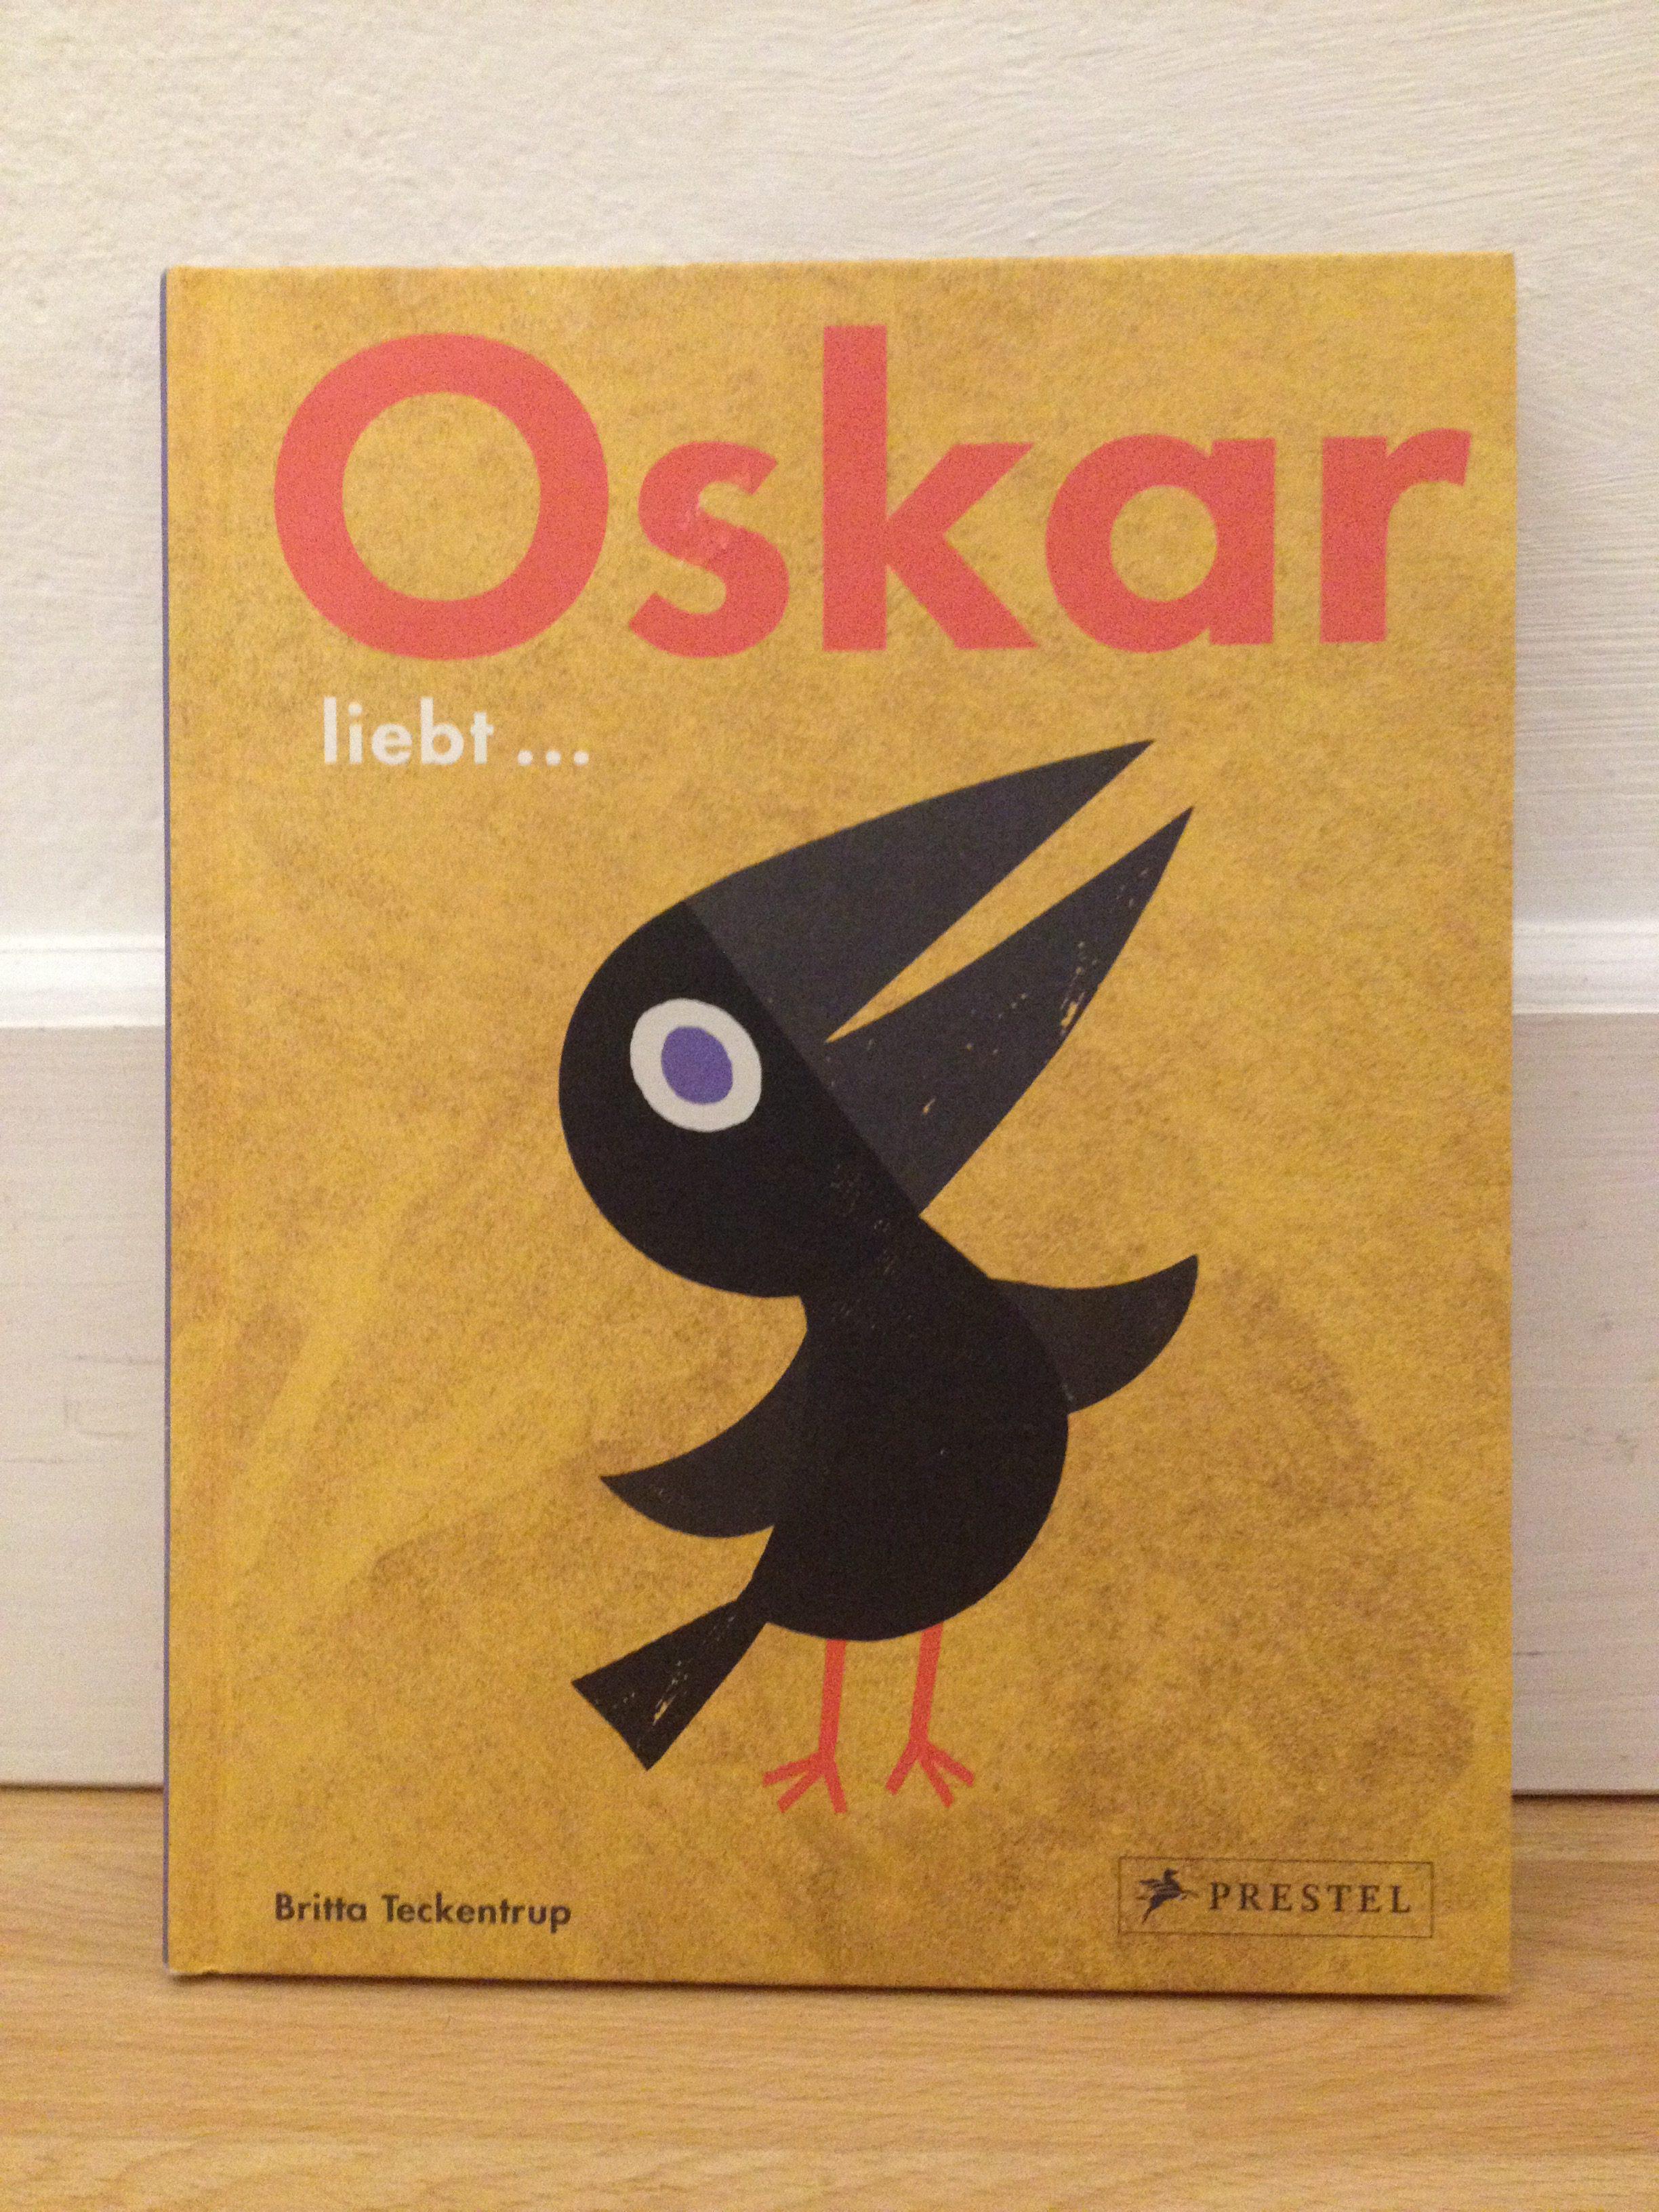 Oskar liebt... Book Cover